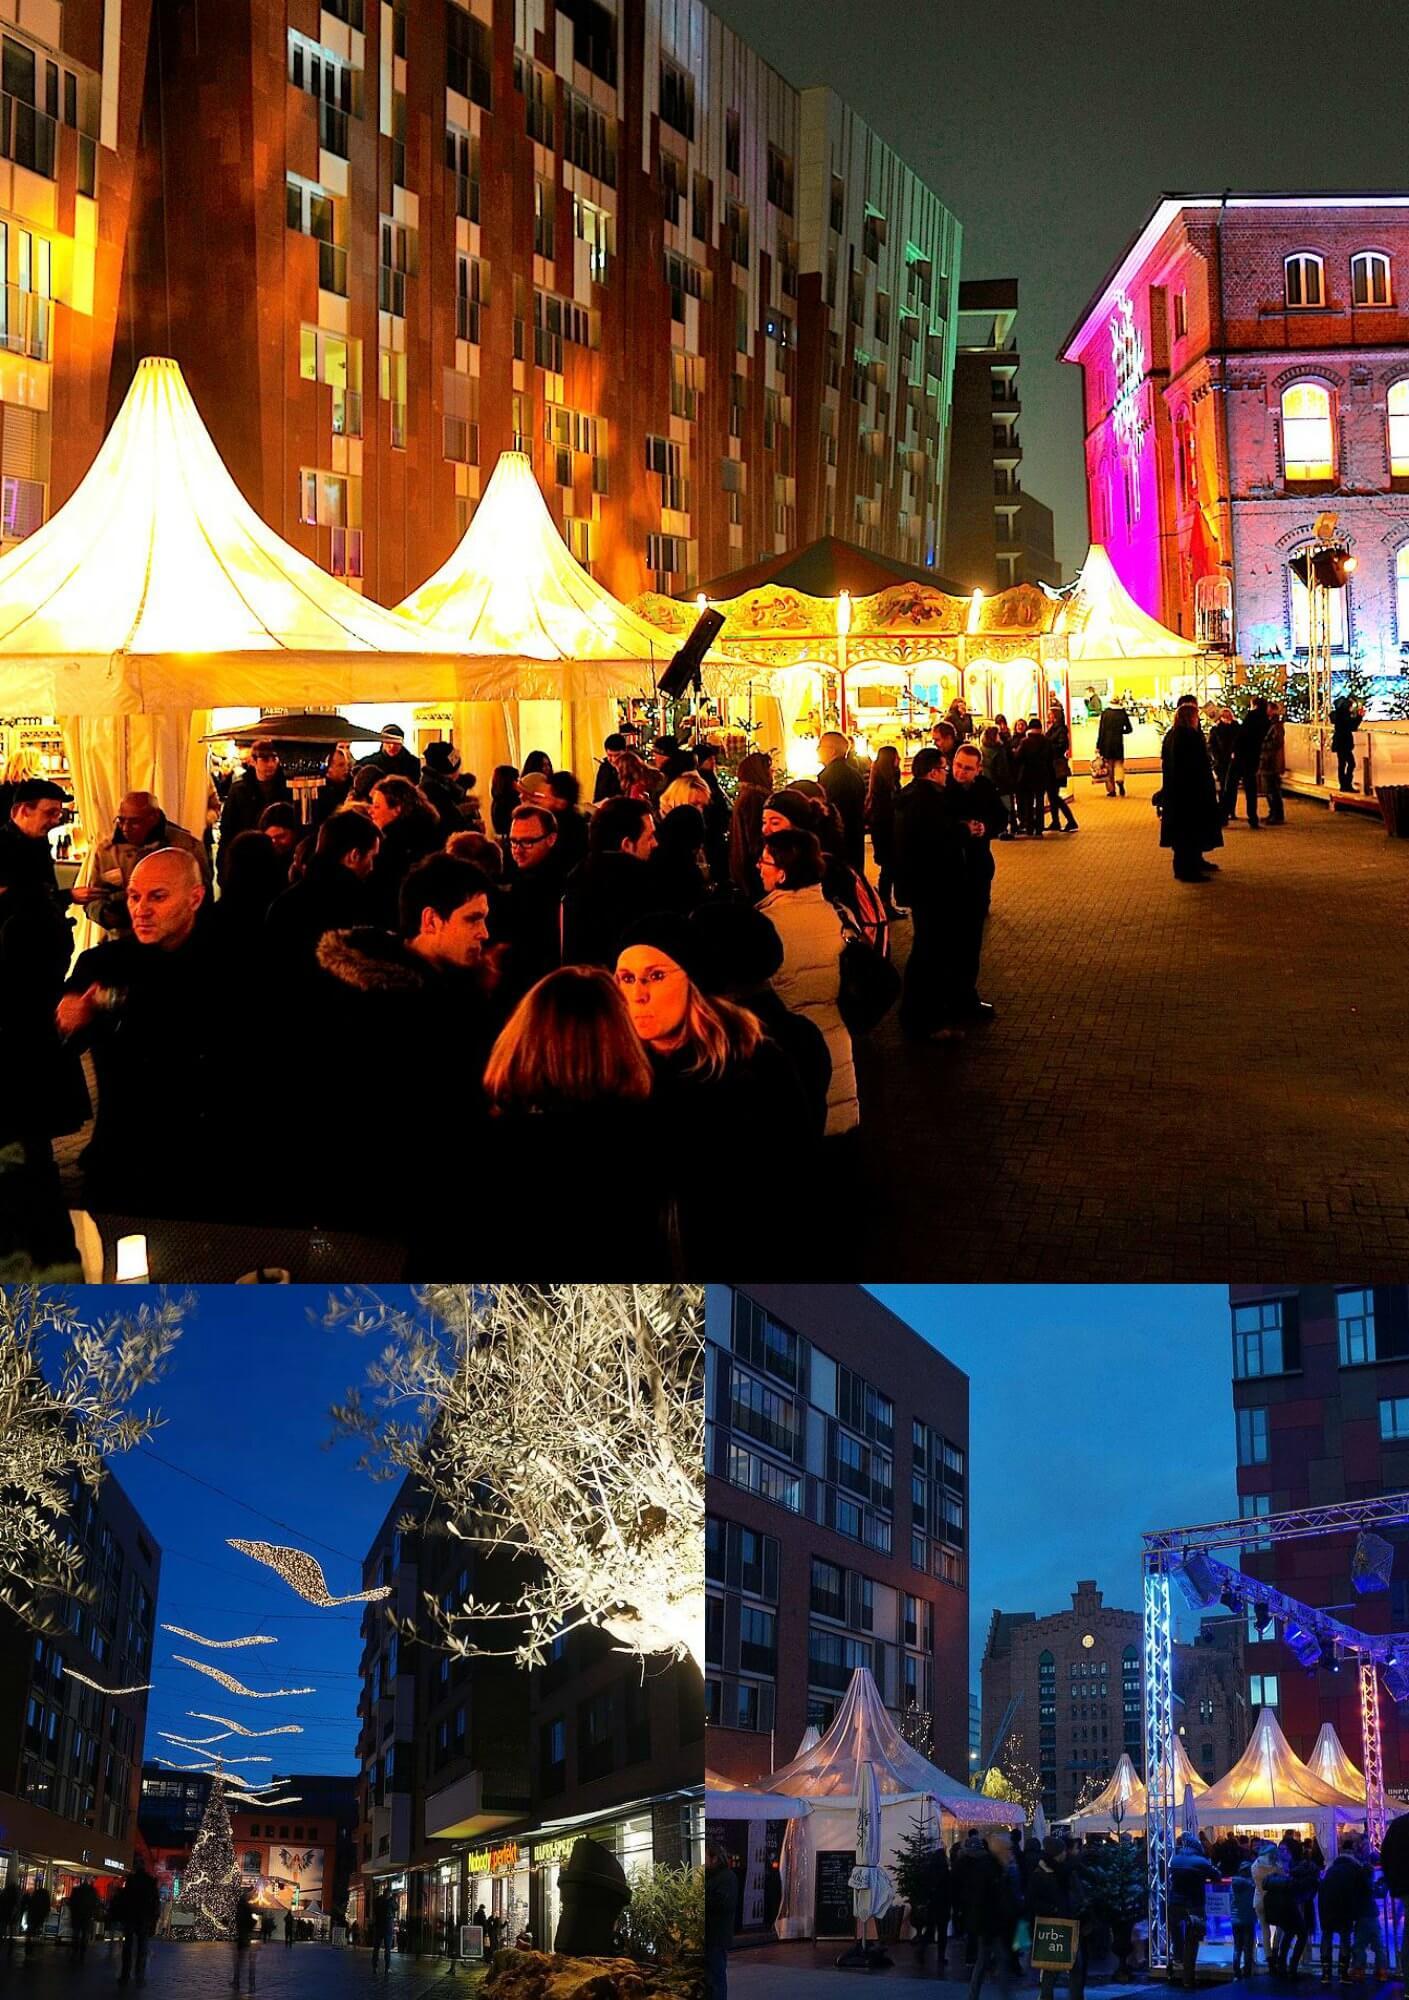 Wo Ist Weihnachtsmarkt Heute.Winterlounge Hafencity Afterwork Und Weihnachtsmarkt In Einem Event